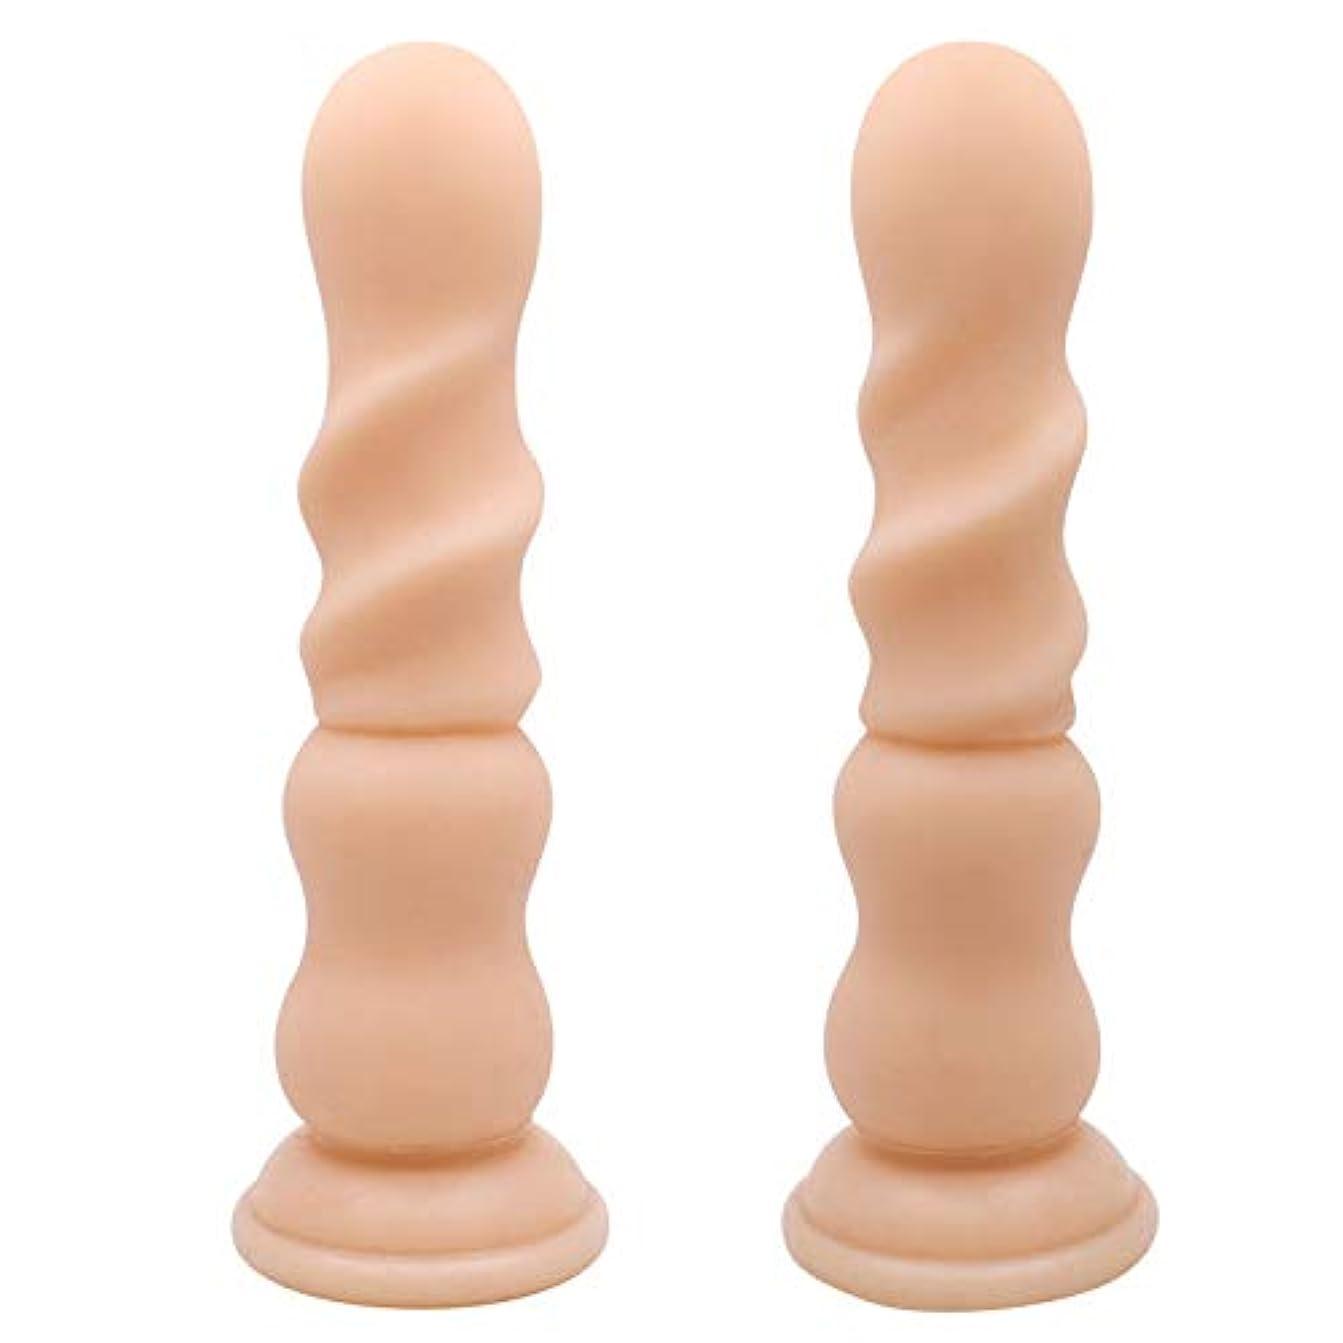 リーズ品モードディルド、シリコーンシミュレーションペニススレッドアナルプラグ女性オナニーマッサージャー防水大人の大人のおもちゃ21センチ